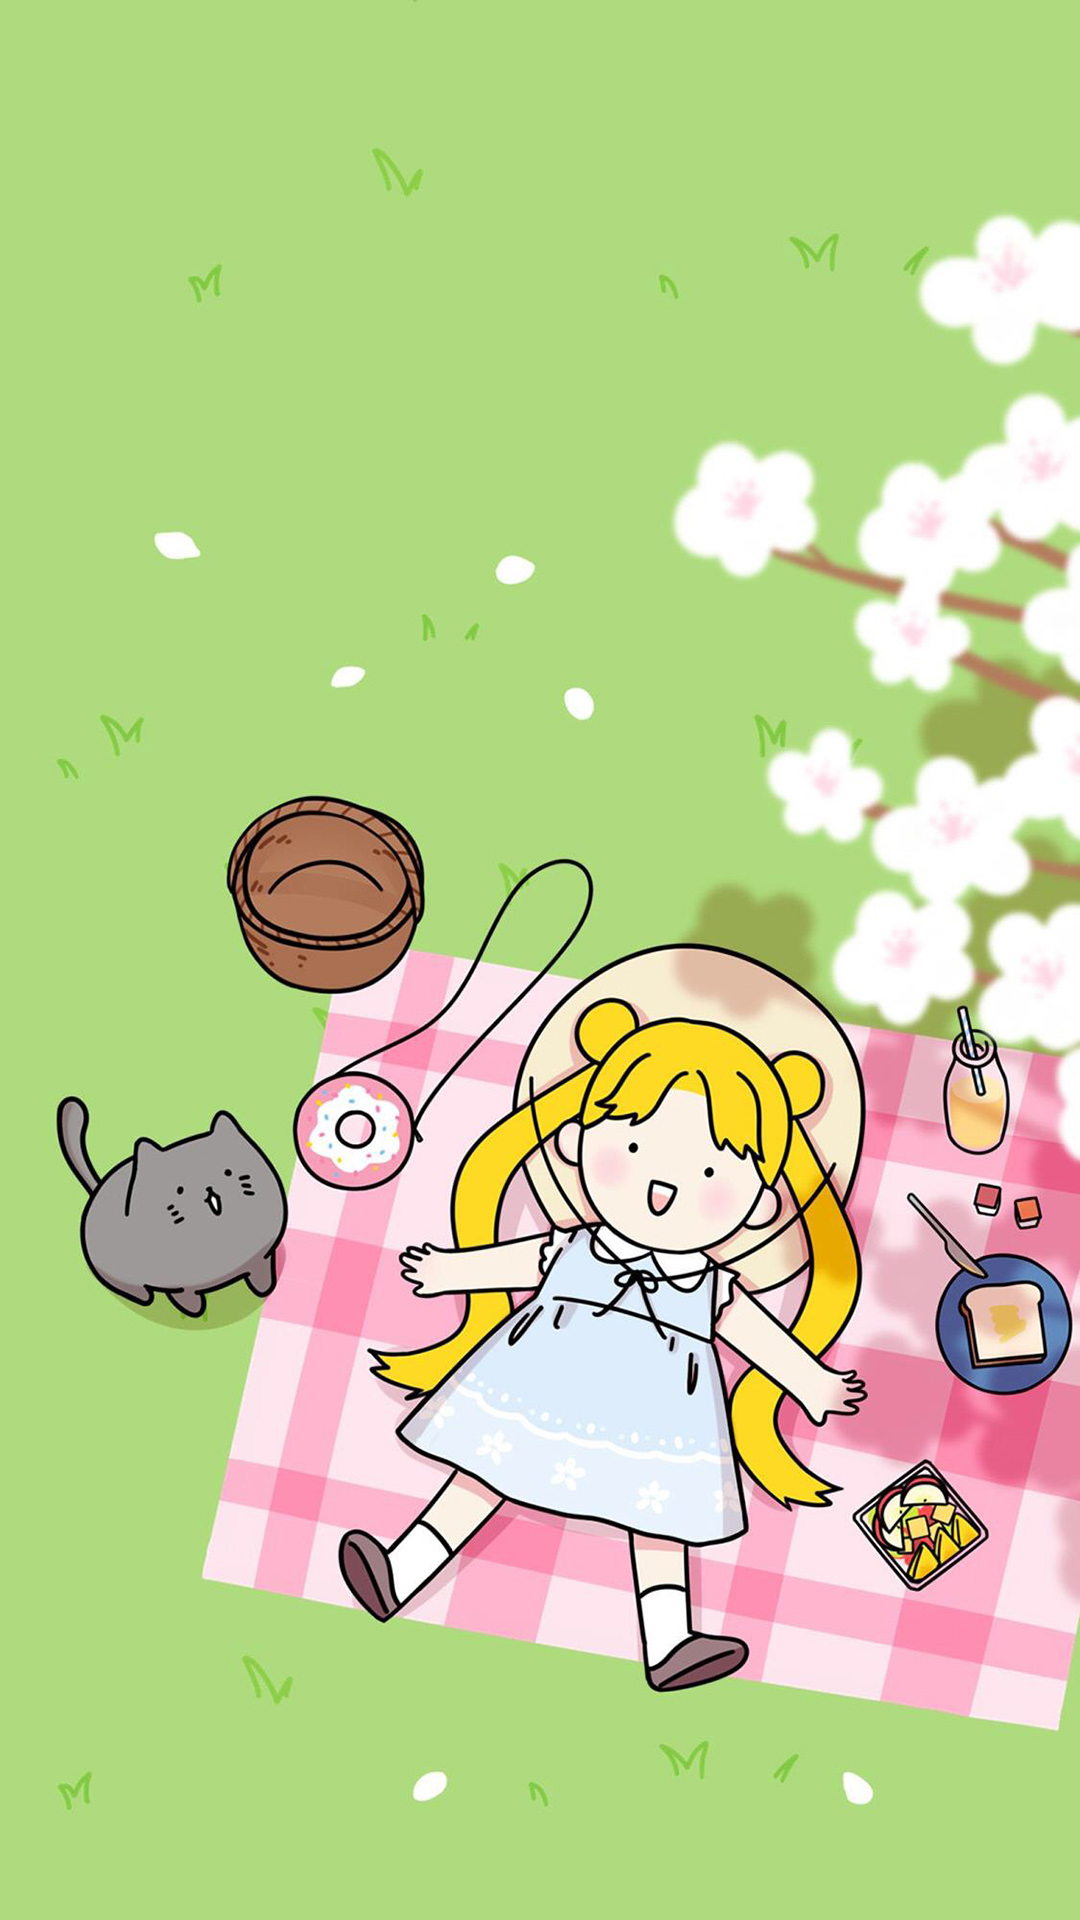 少女心主题简约手绘清新日系全屏壁纸